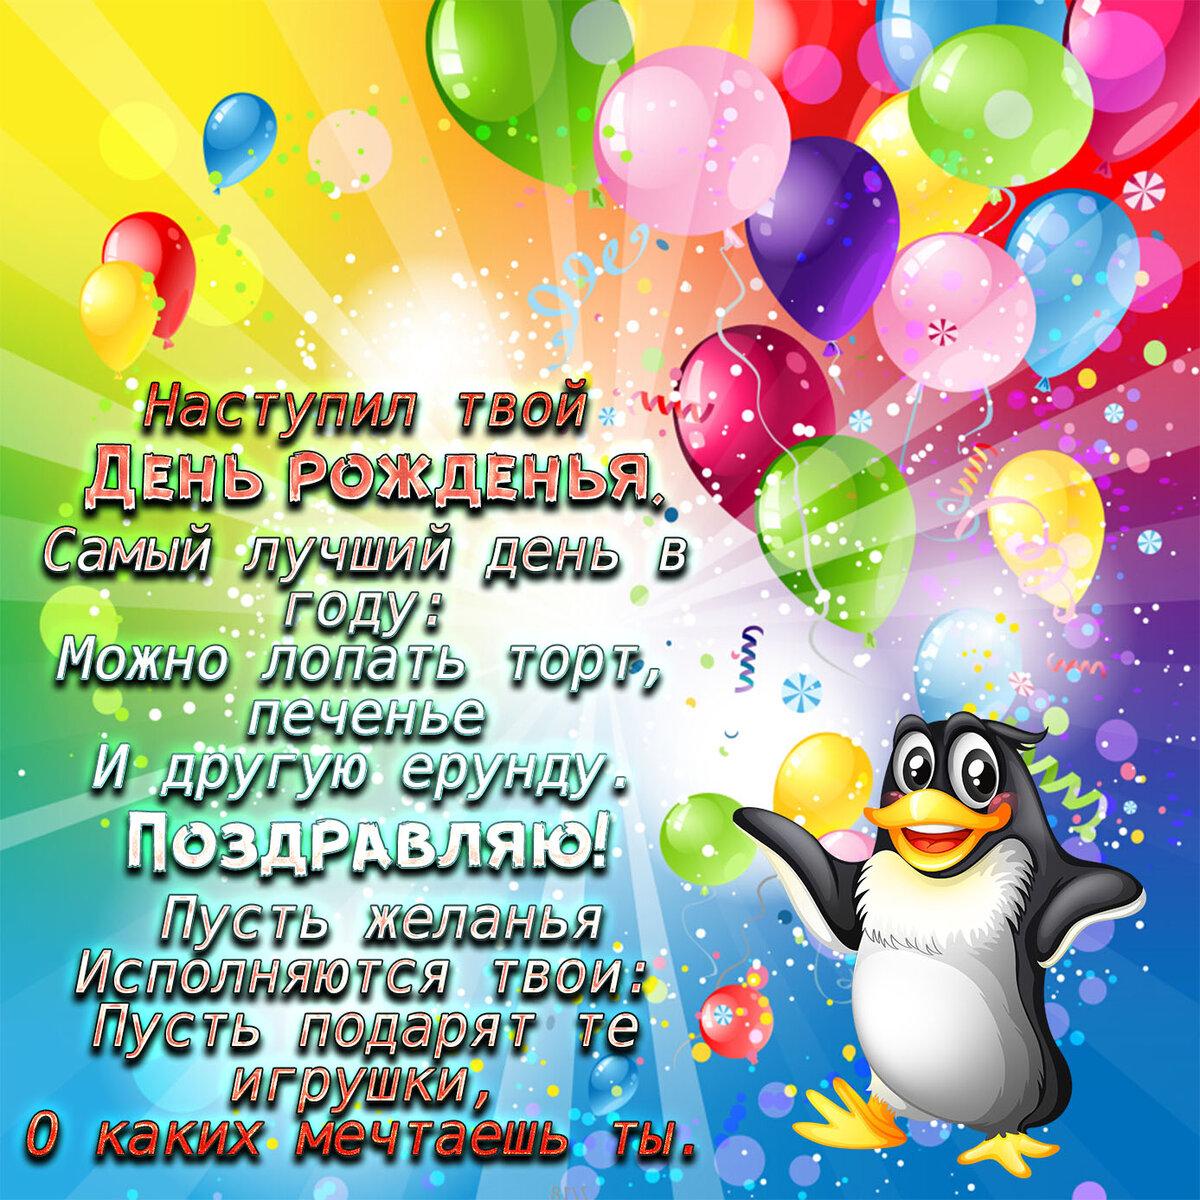 Поздравления прикольные с днем рождения хорошему человеку